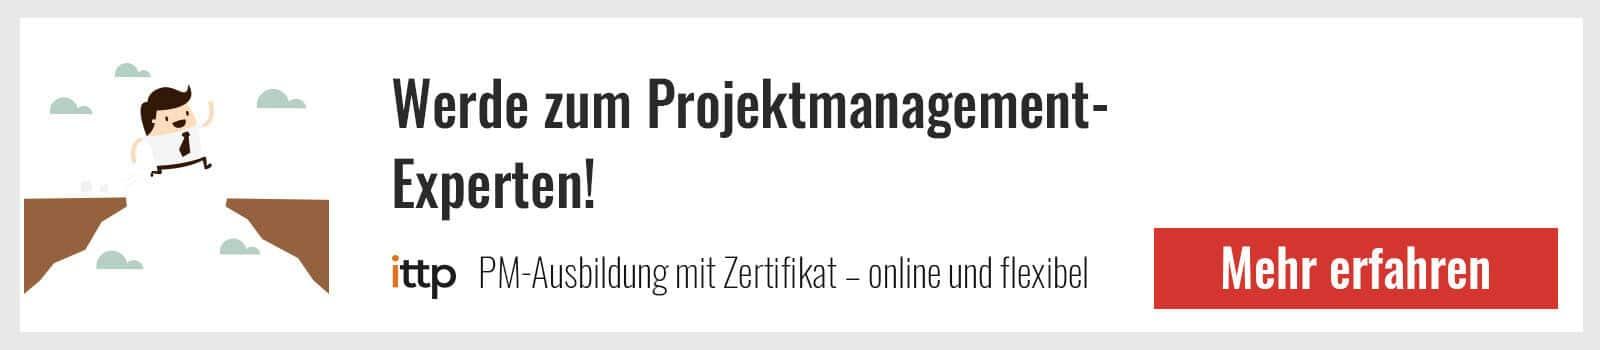 Projektmanagement braucht kein Mensch! - Projekte leicht gemacht